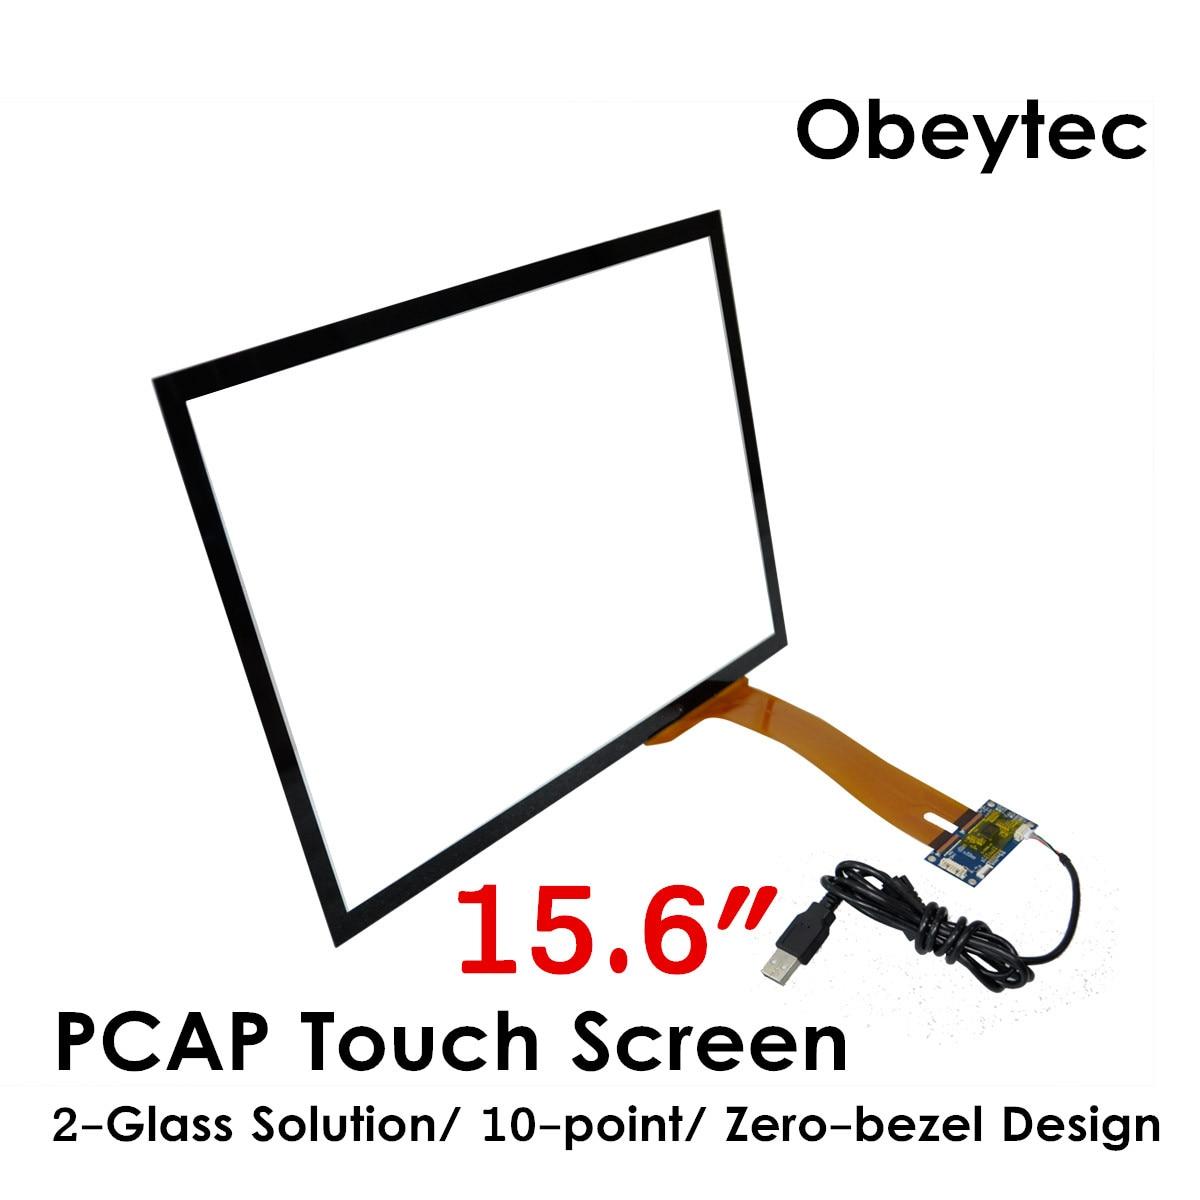 Écran tactile Obeytec 15.6 pouces P-CAP, capteur tactile capacitif, pilote USB plug and play, solution 2 verres, 10 points tactiles